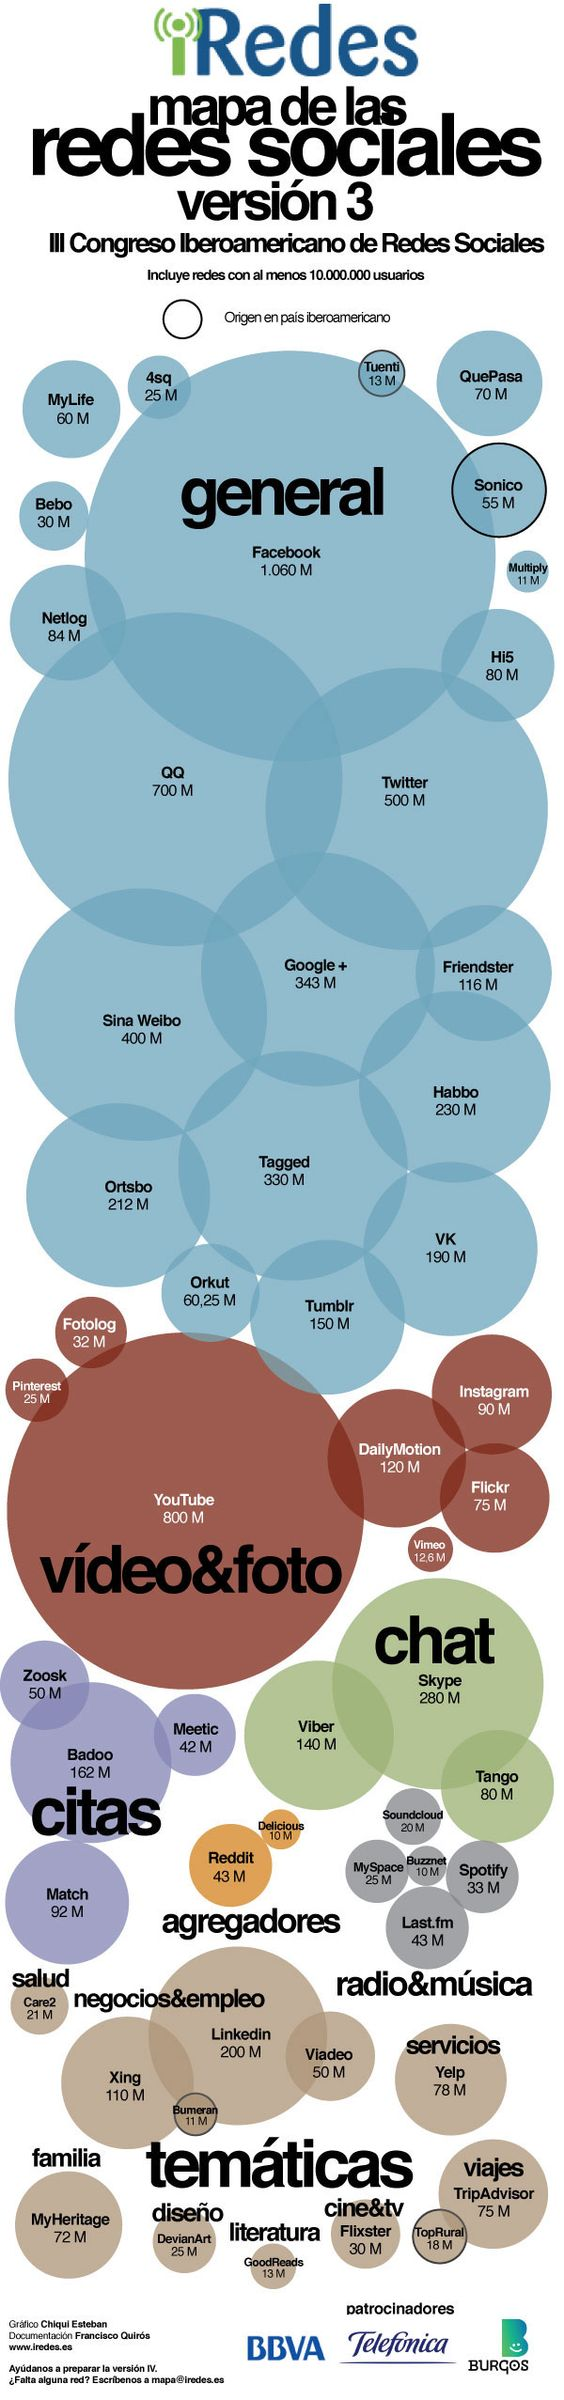 Infografía: Cantidad de usuarios en diferentes #redessociales